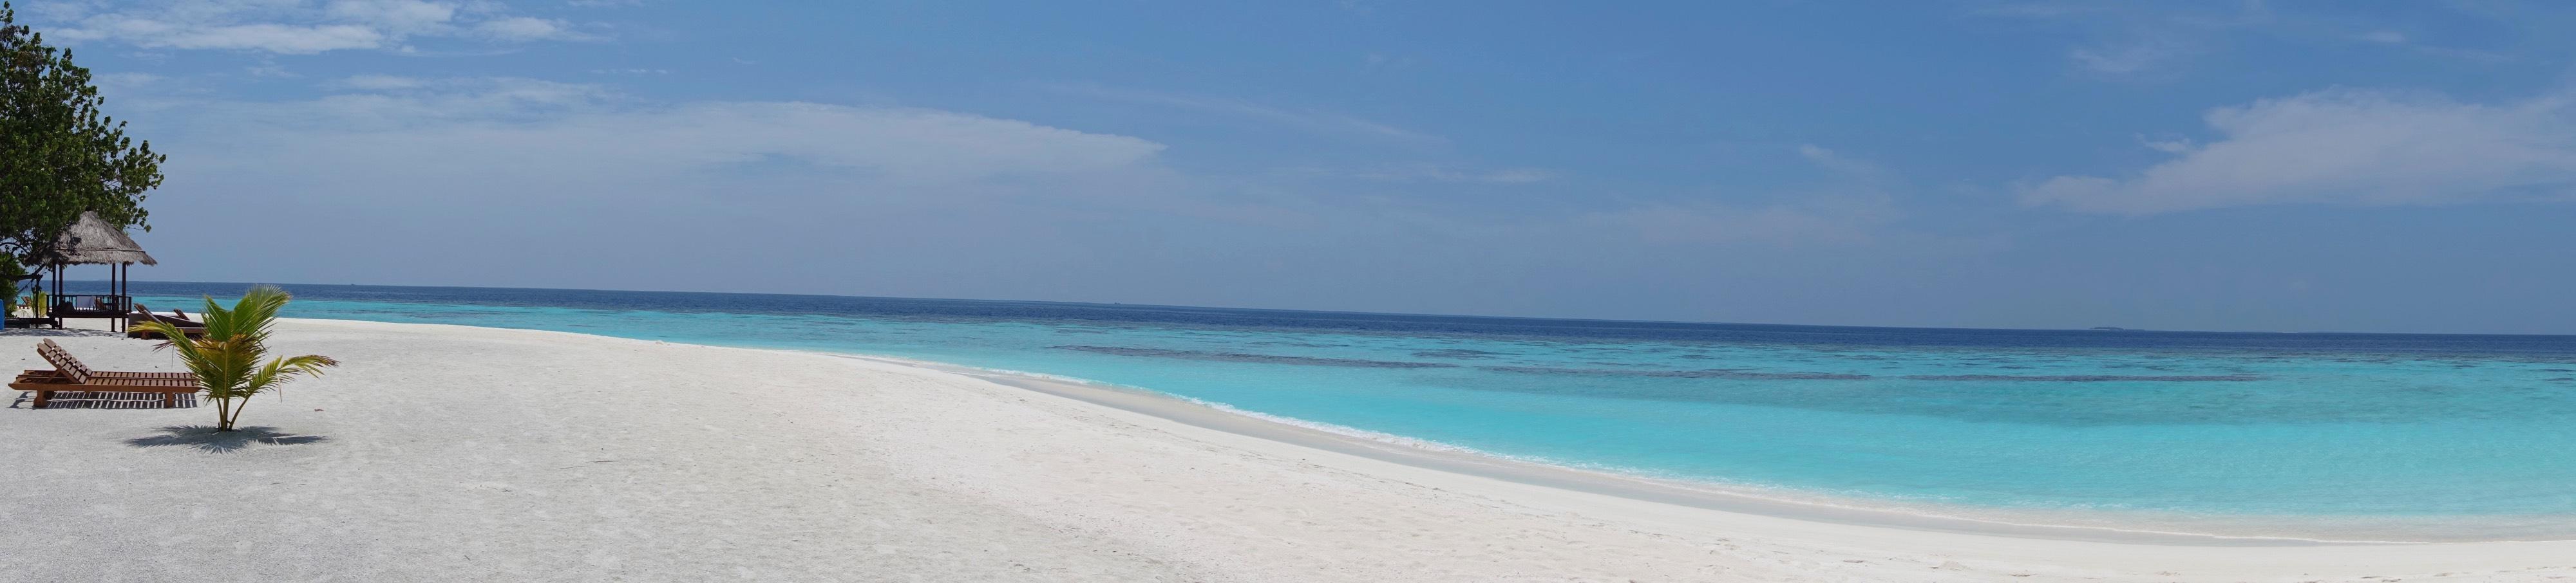 Plage Vabbinfaru - Maldives : 10 raisons pourquoi ça devrait être ta prochaine destination de rêve - Nomad Junkies